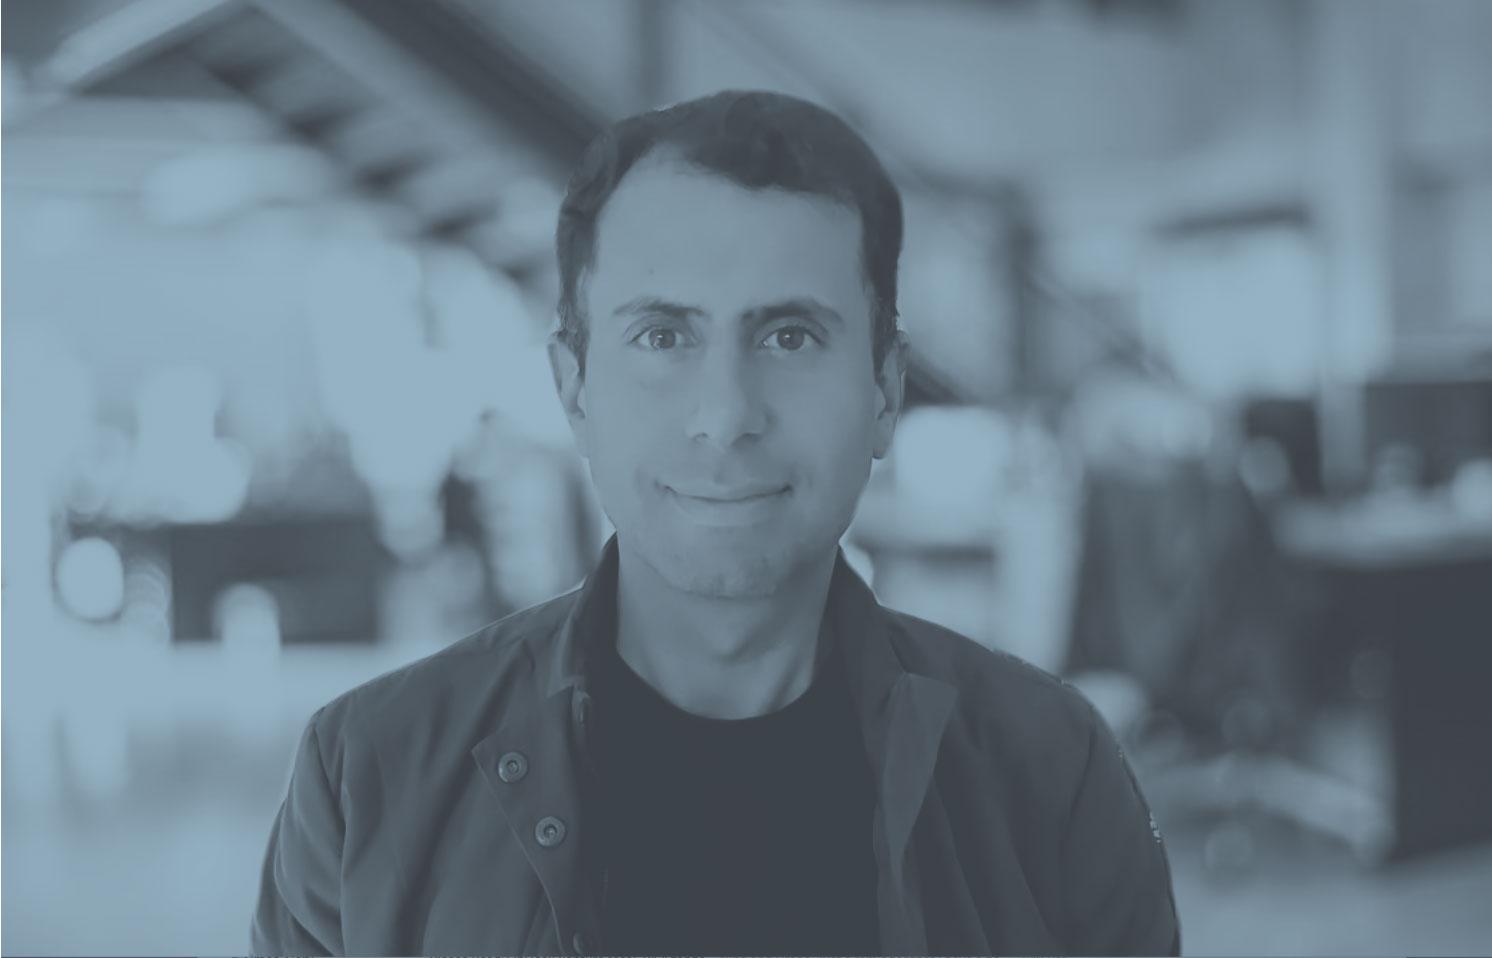 Mike Ghaffary